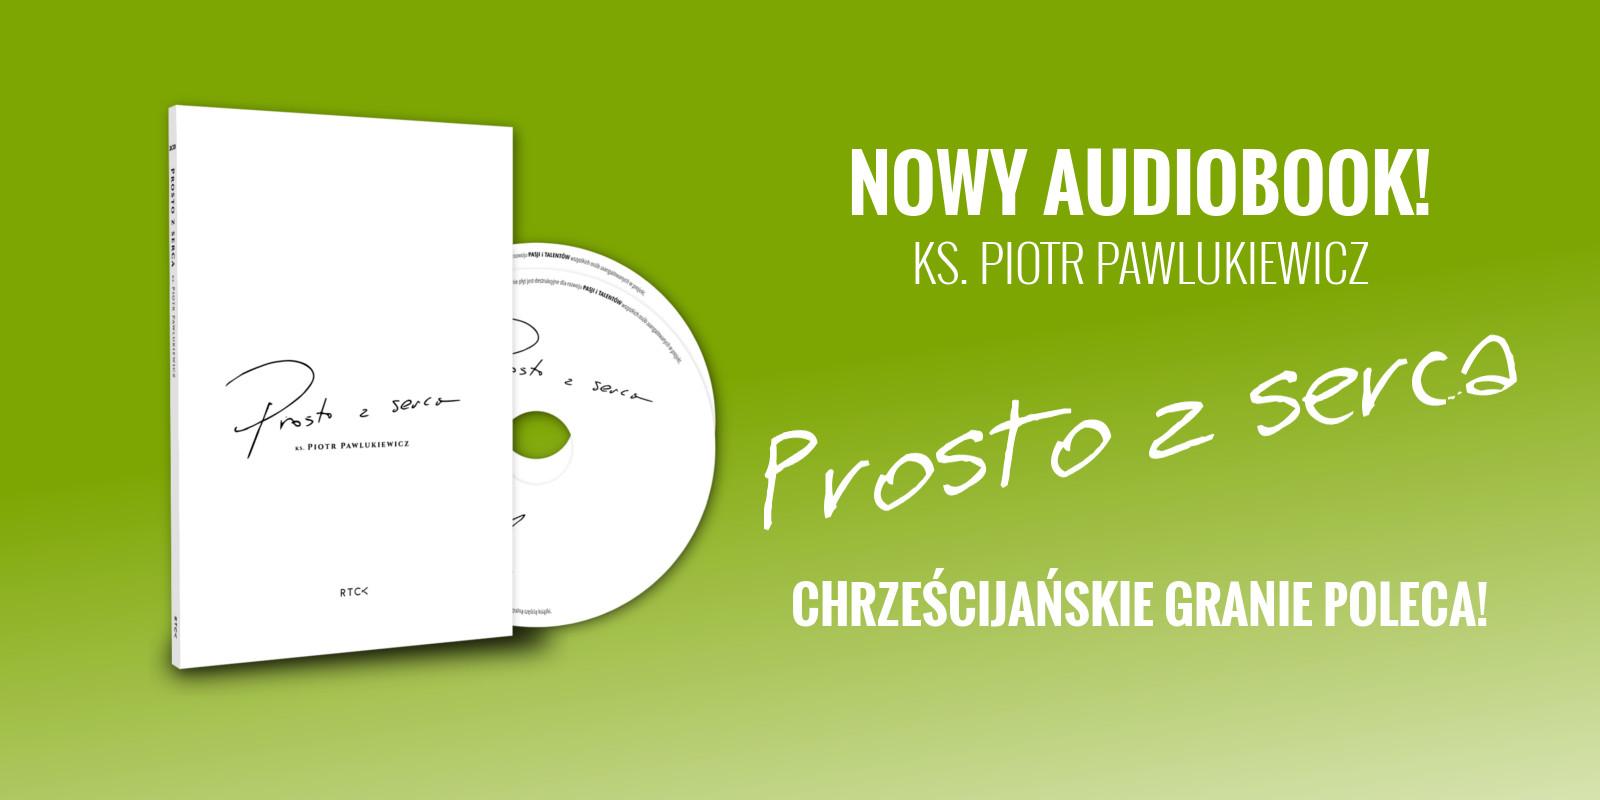 ks. Piotr Pawlukiewicz - Prosto z Serca